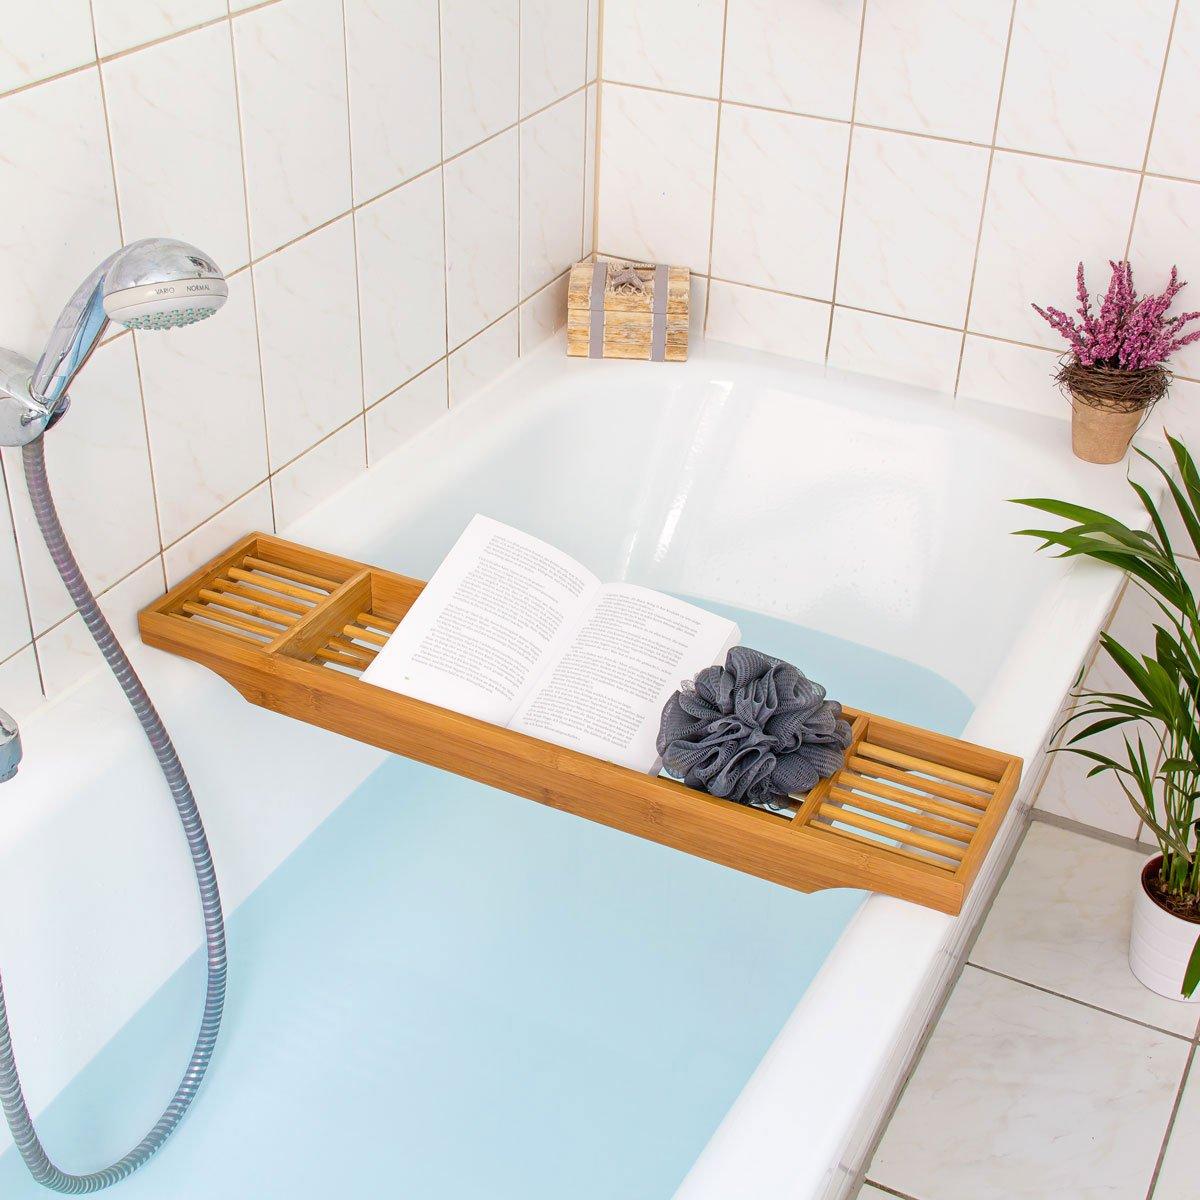 Accessori Per Vasca Da Bagno.Relaxdays Mensola Vasca Da Bagno Per Accessori Bambu Con 3 Scomparti E 70 Cm Di Larghezza Marrone